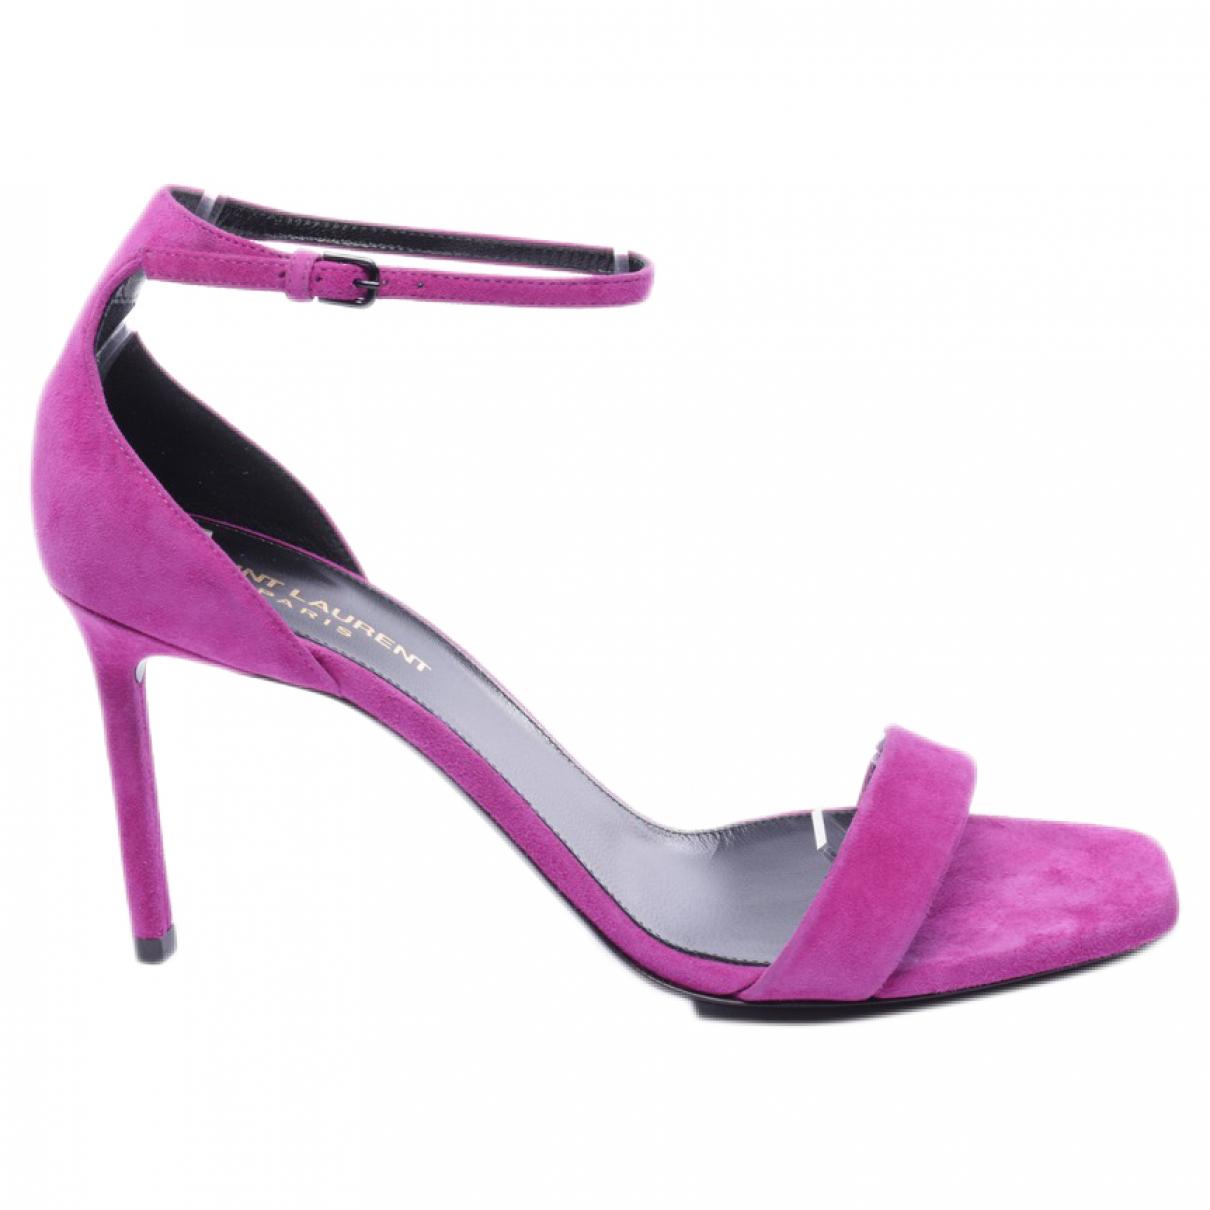 Saint Laurent \N Purple Leather Sandals for Women 39.5 EU